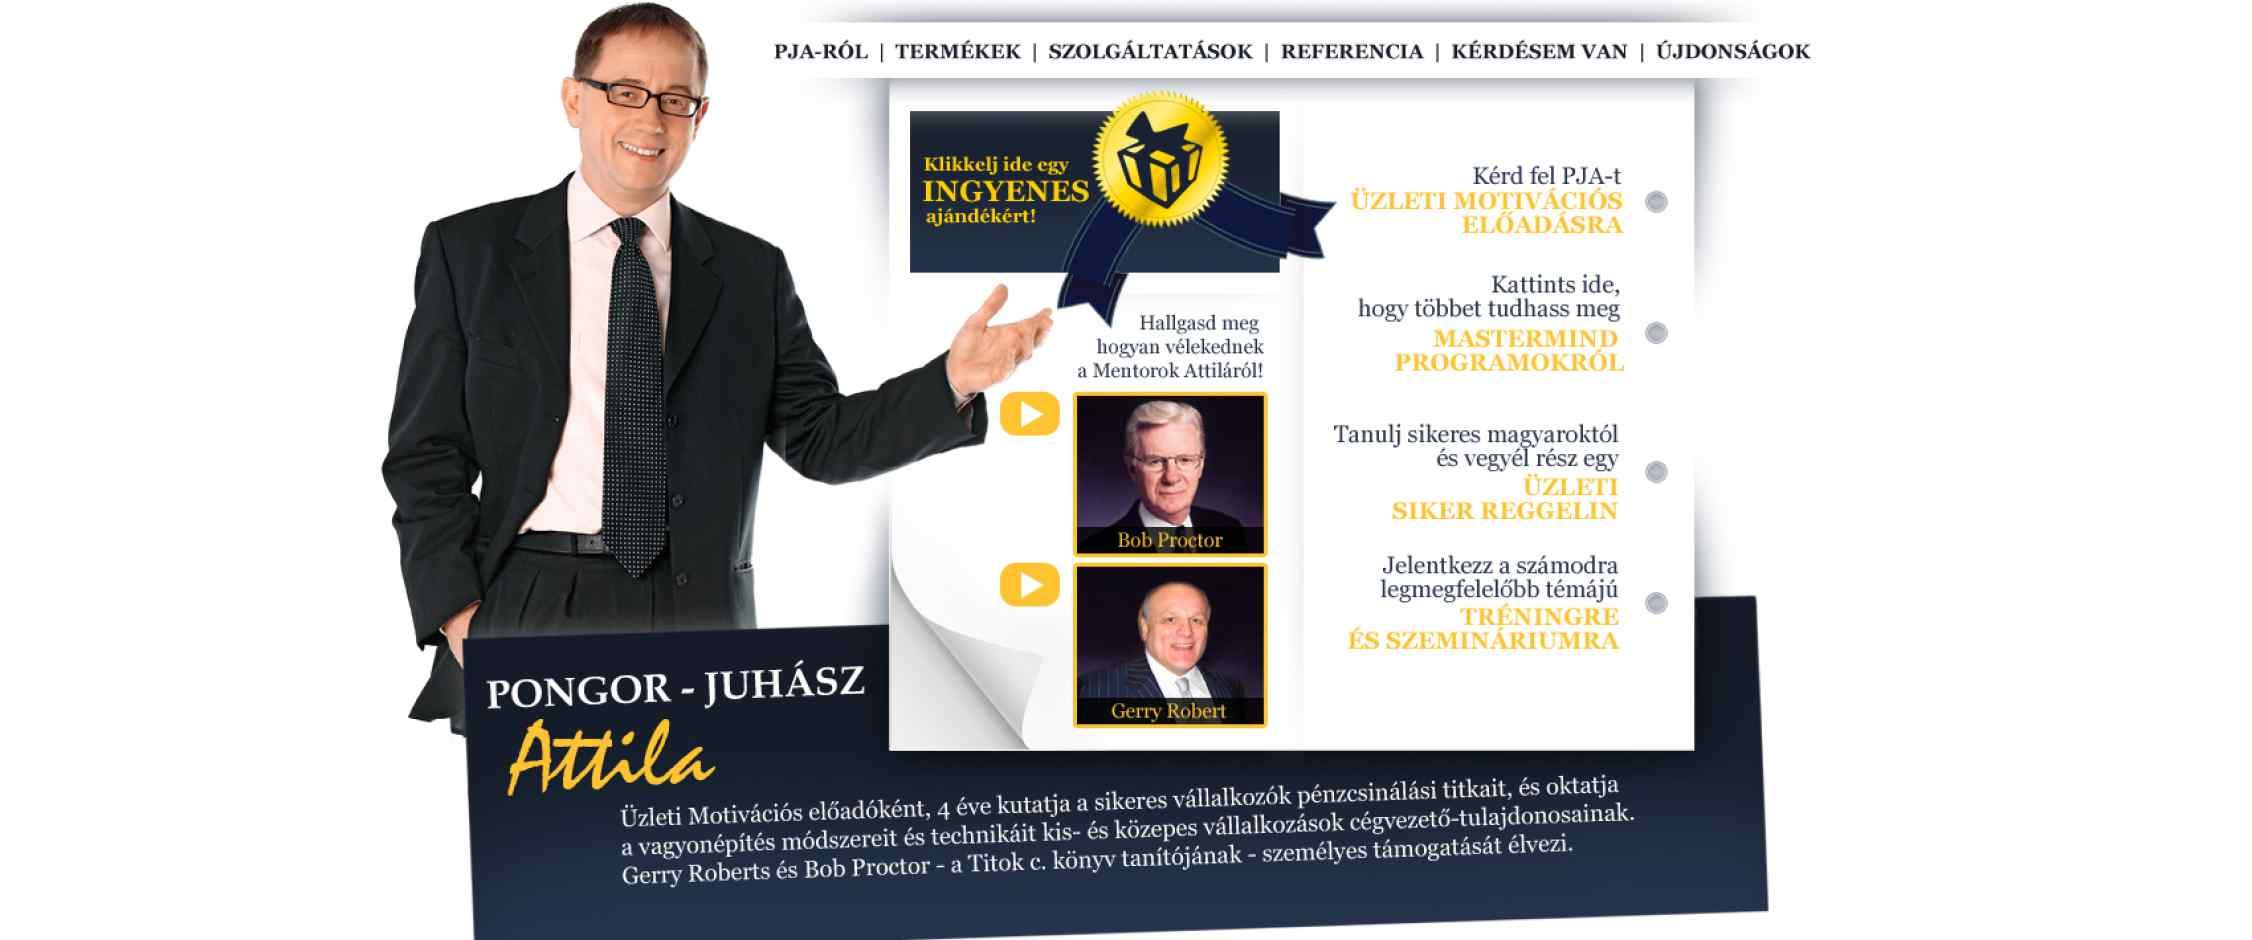 Pongor-Juhász Attila honlapja